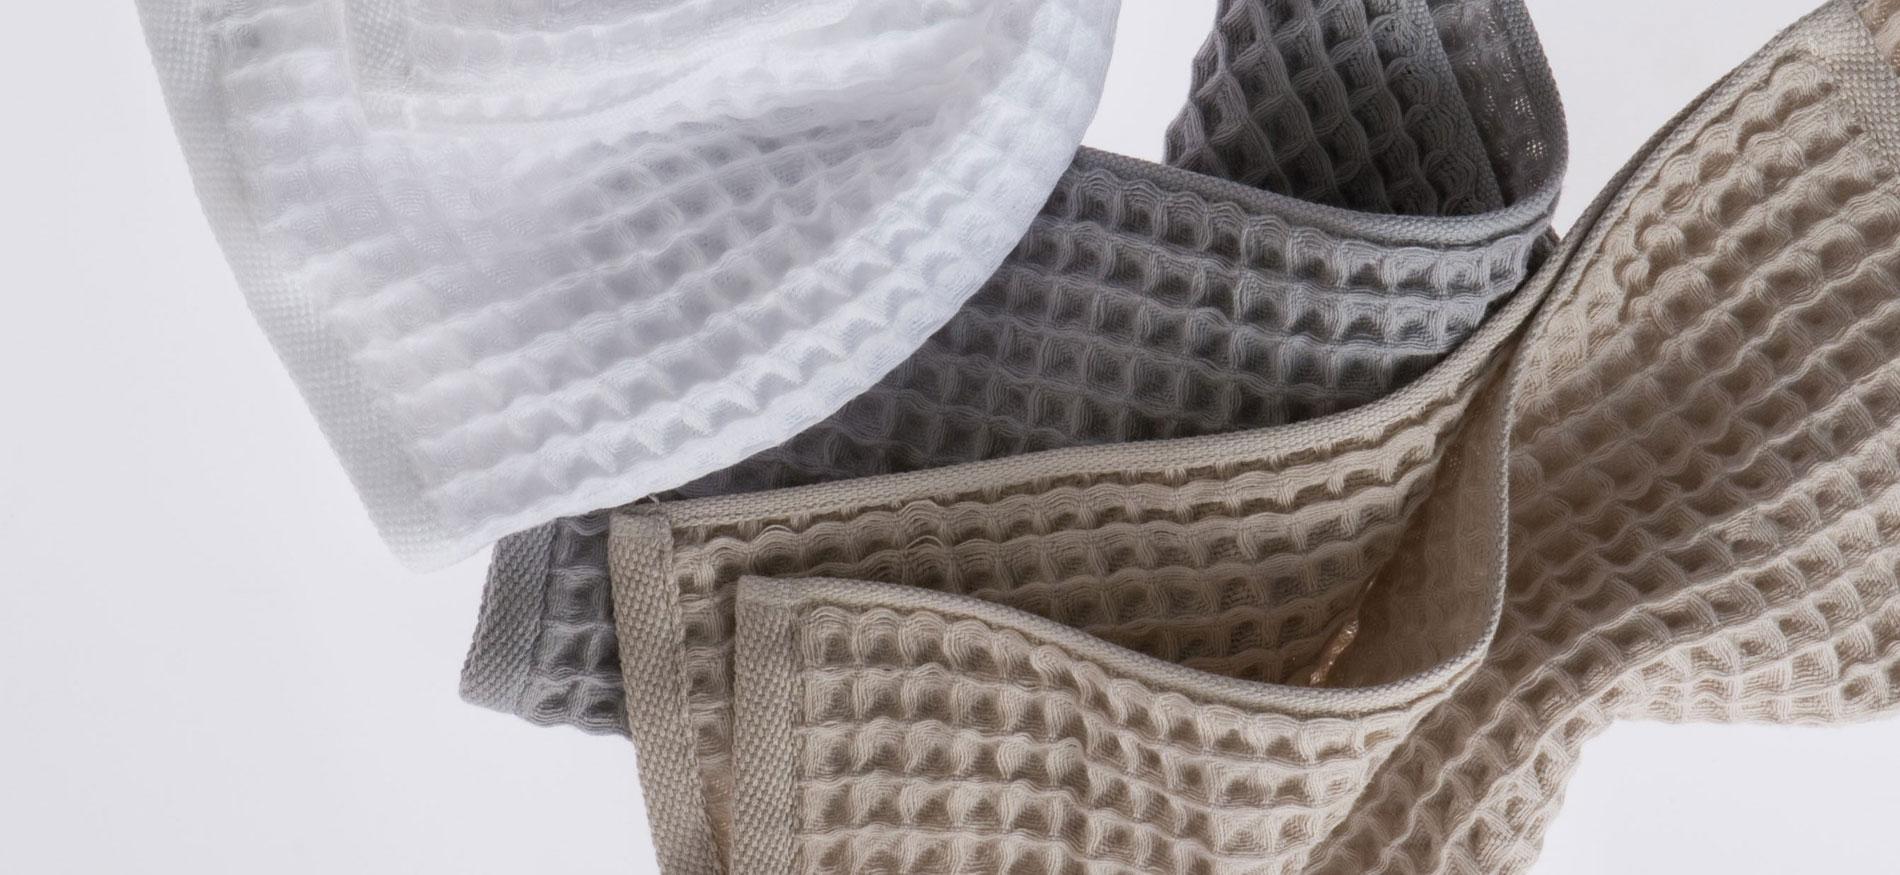 Handtücher - Badetücher - Saunatücher in vielen Farben und Größen online bestellen